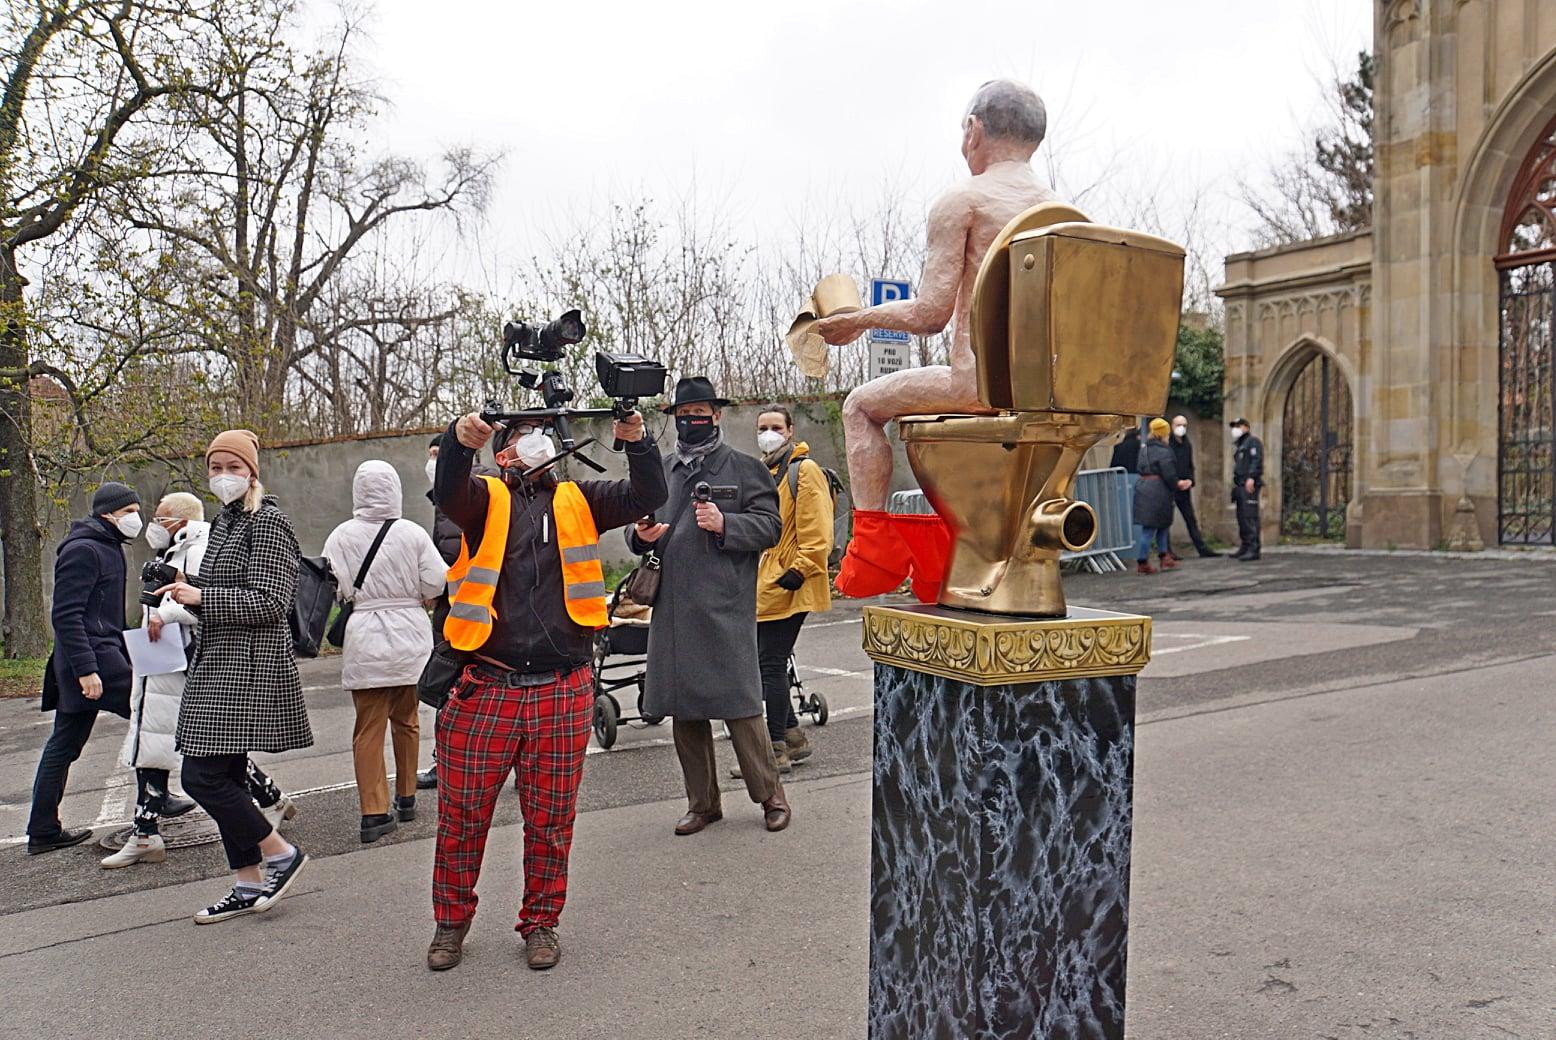 В Чехии установили статую голого Путина: где и зачем (ФОТО, ВИДЕО) - фото 4